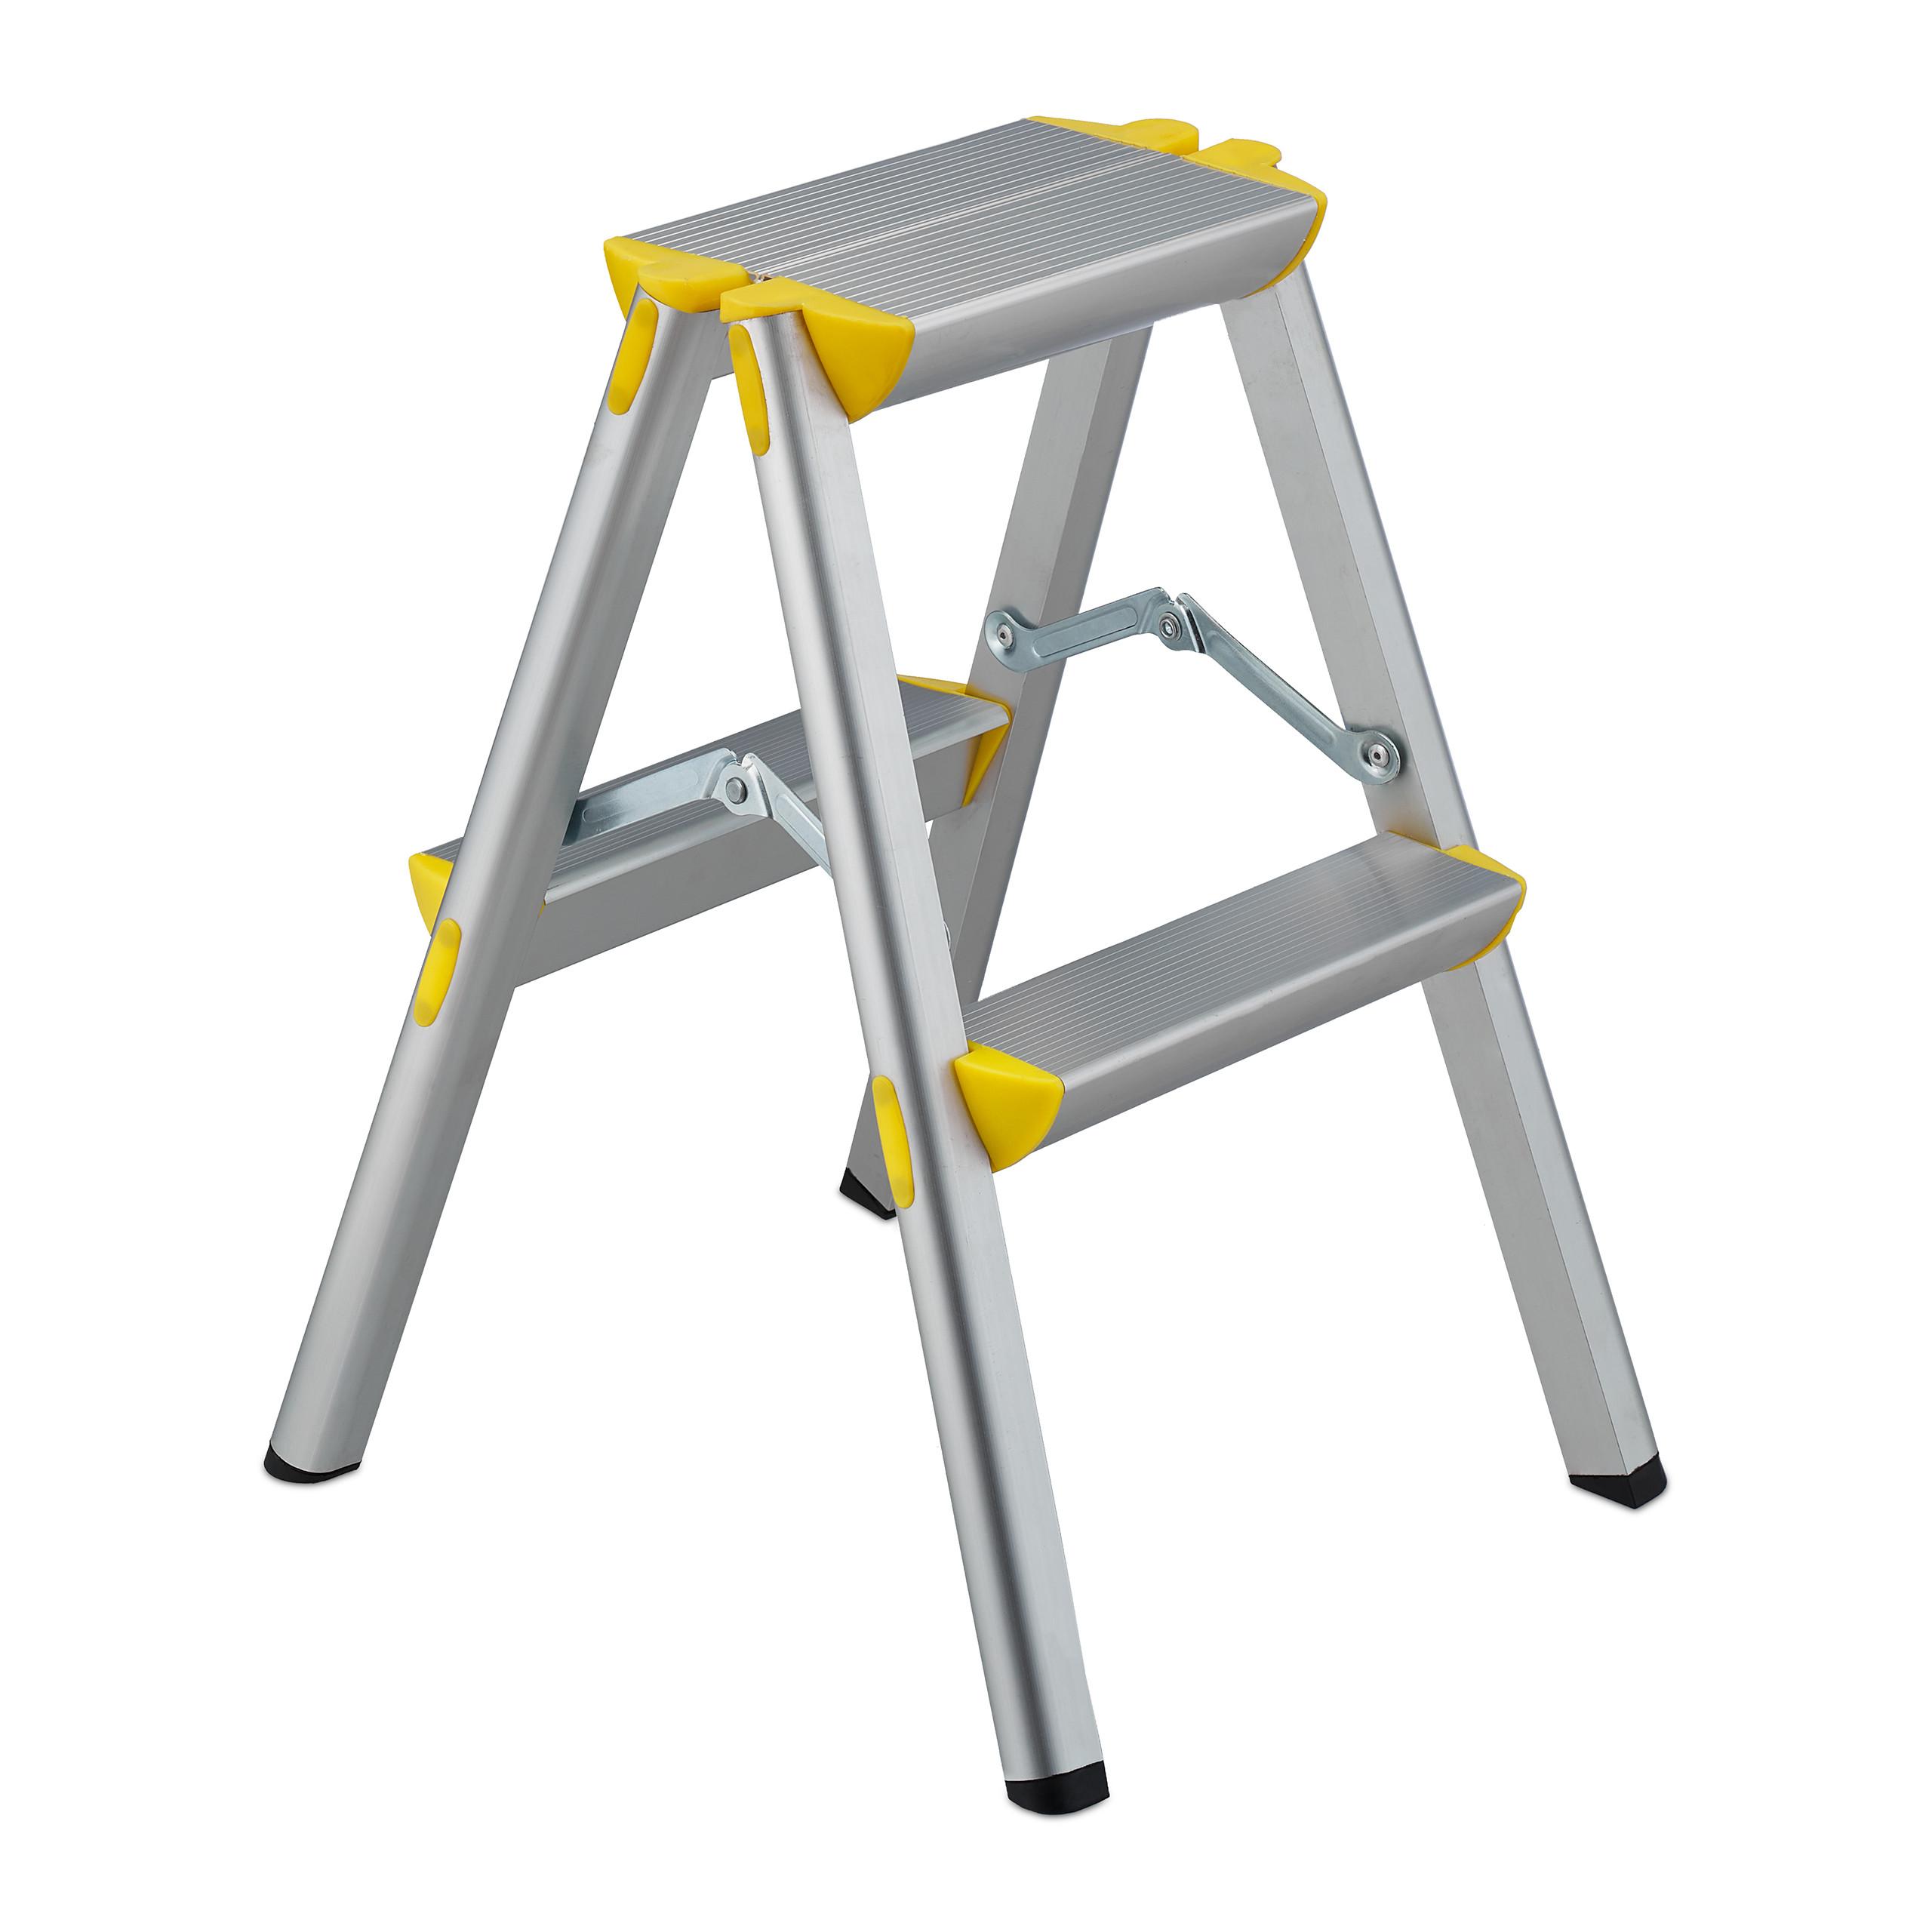 Bockleiter Alu Klappleiter Klapptritt Stehleiter Trittleiter 150 kg Stufenleiter